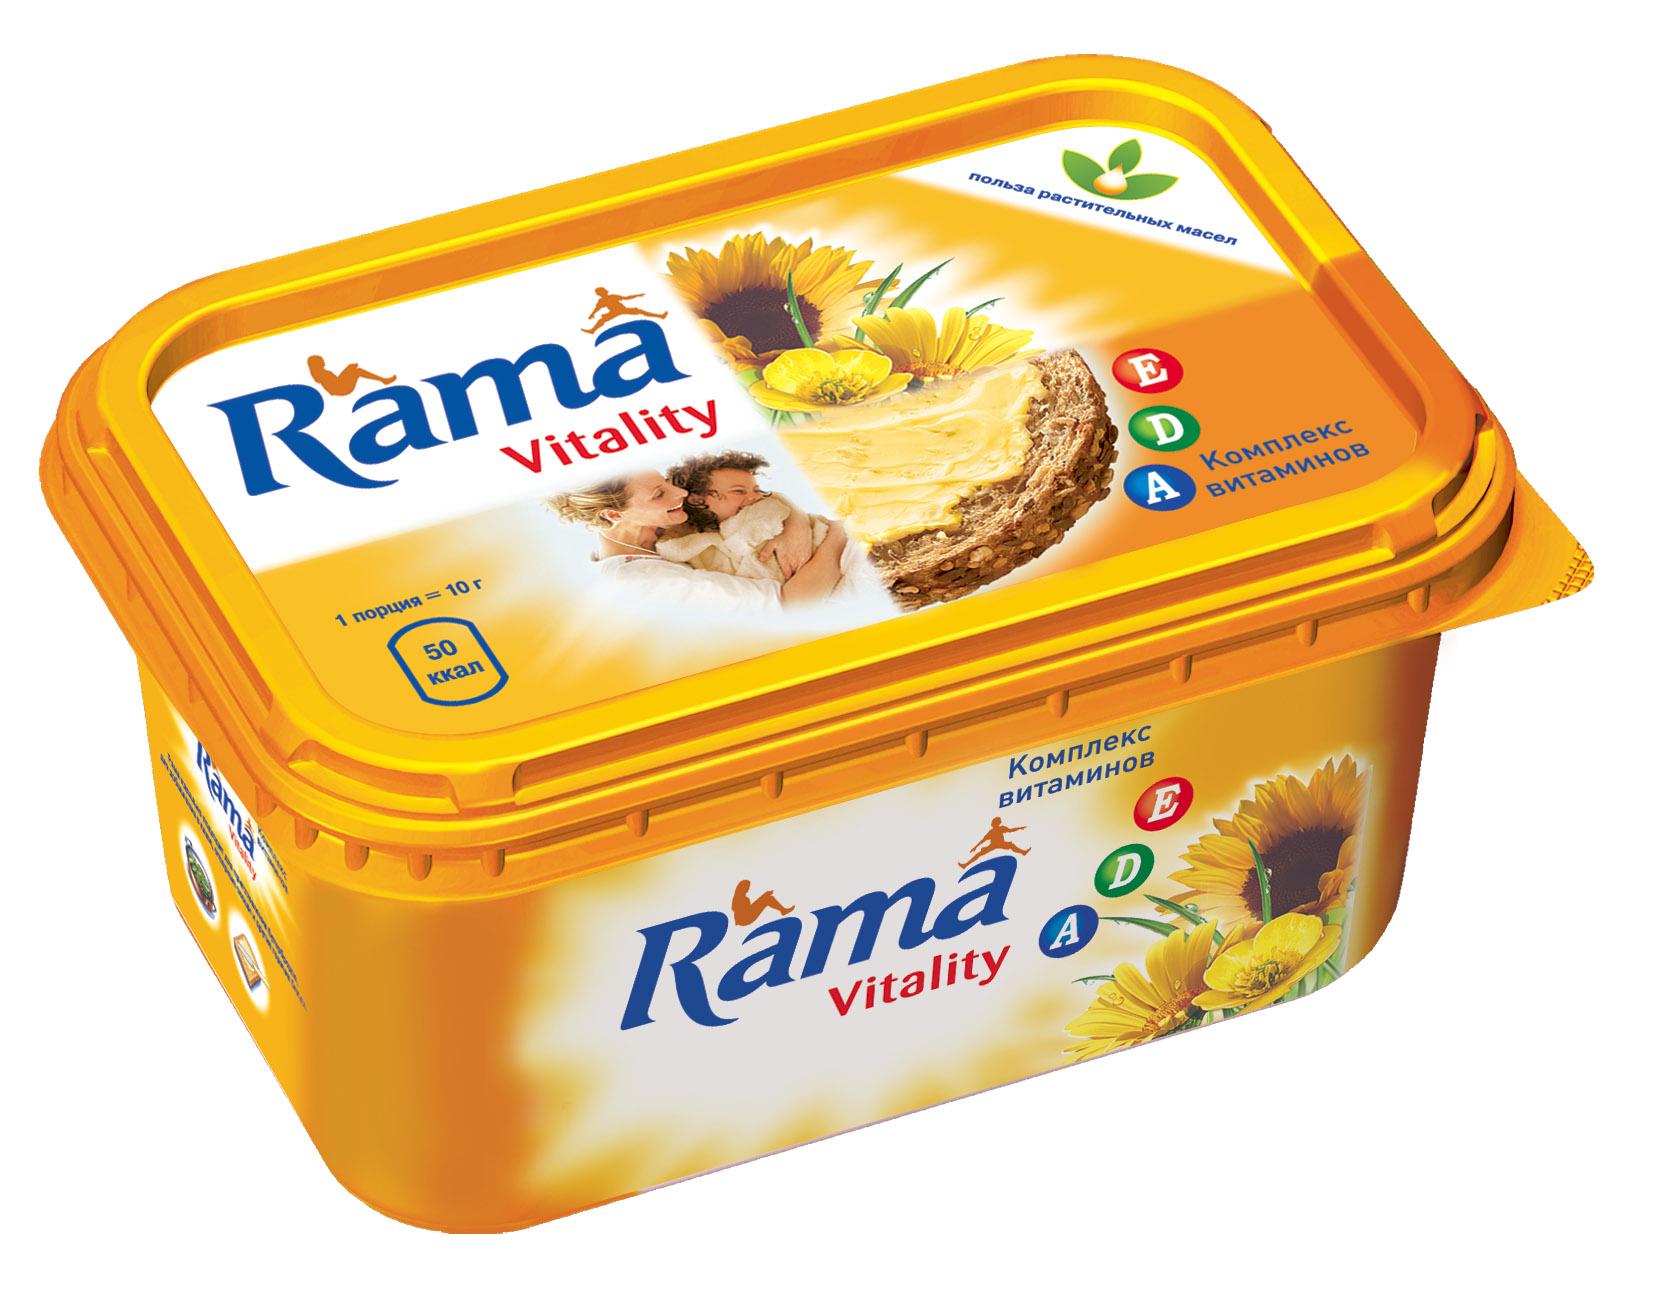 Rama (margaryna) – Wikipedia, wolna encyklopedia